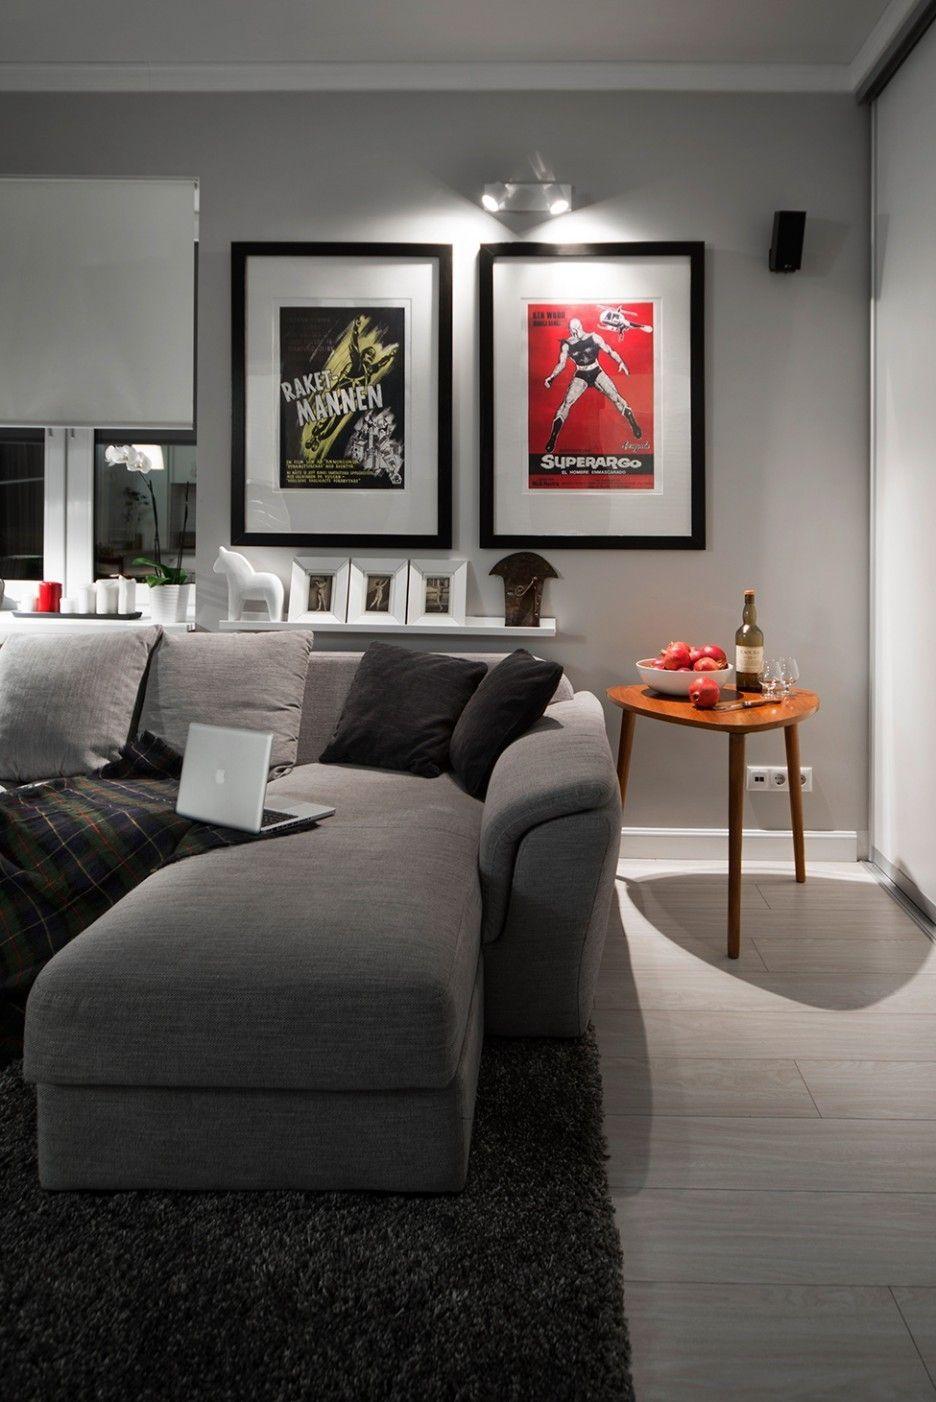 Innenarchitektur wohnzimmer für kleine wohnung pin von Δάμων Γιούργας auf my home  pinterest  wohnen haus und